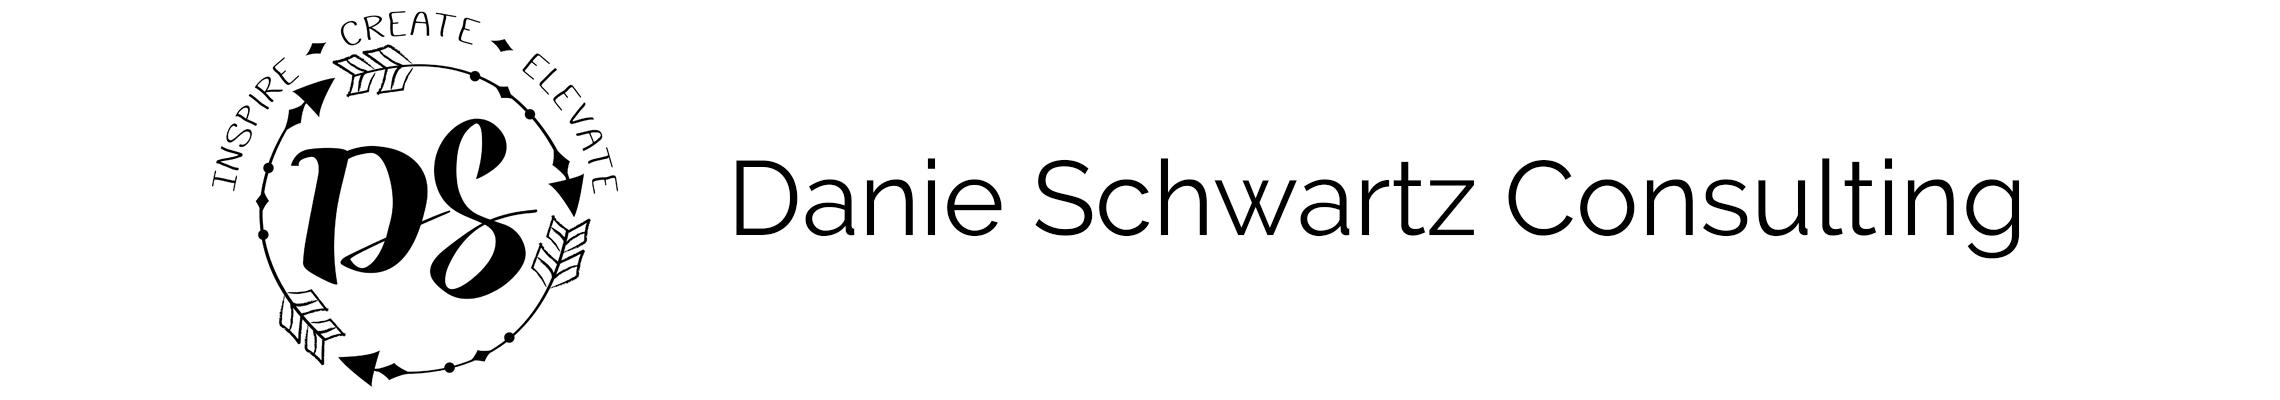 Danie Schwartz Consulting